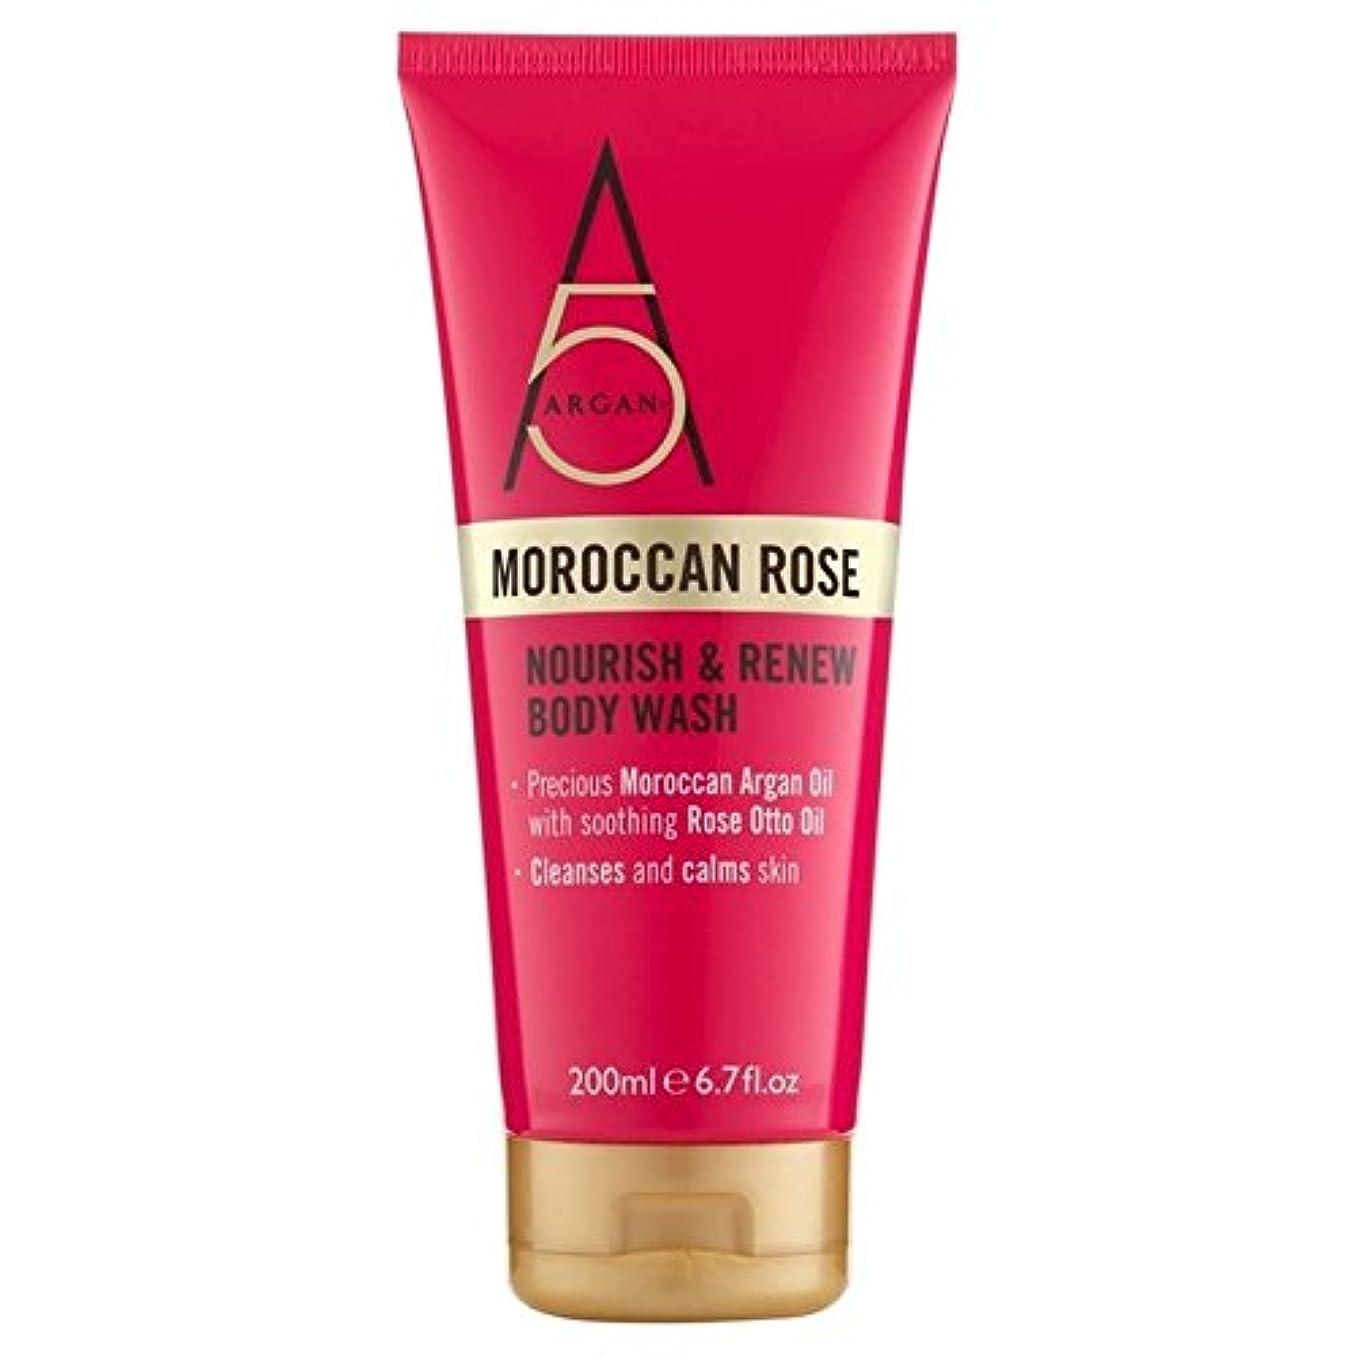 ユニークな知事学部長アルガン+モロッコは、ボディウォッシュ300ミリリットルをバラ x2 - Argan+ Moroccan Rose Body Wash 300ml (Pack of 2) [並行輸入品]